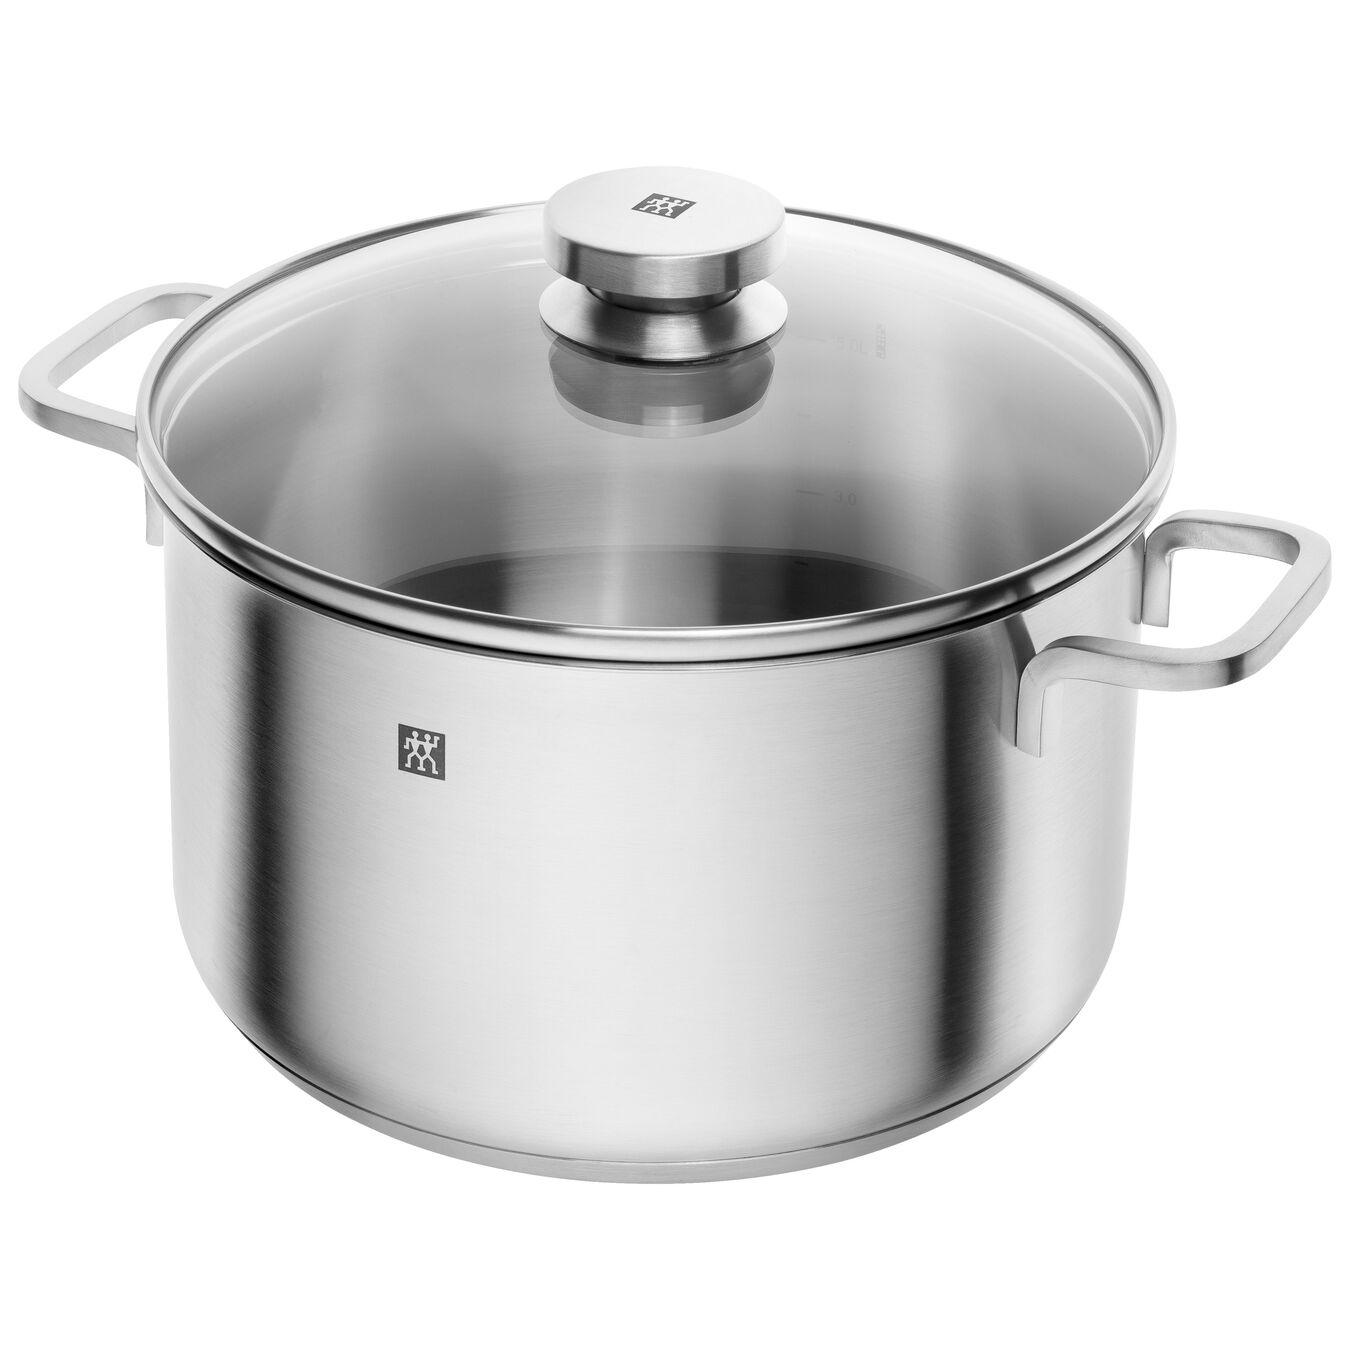 Ensemble de casseroles 5-pcs, Inox 18/10,,large 5